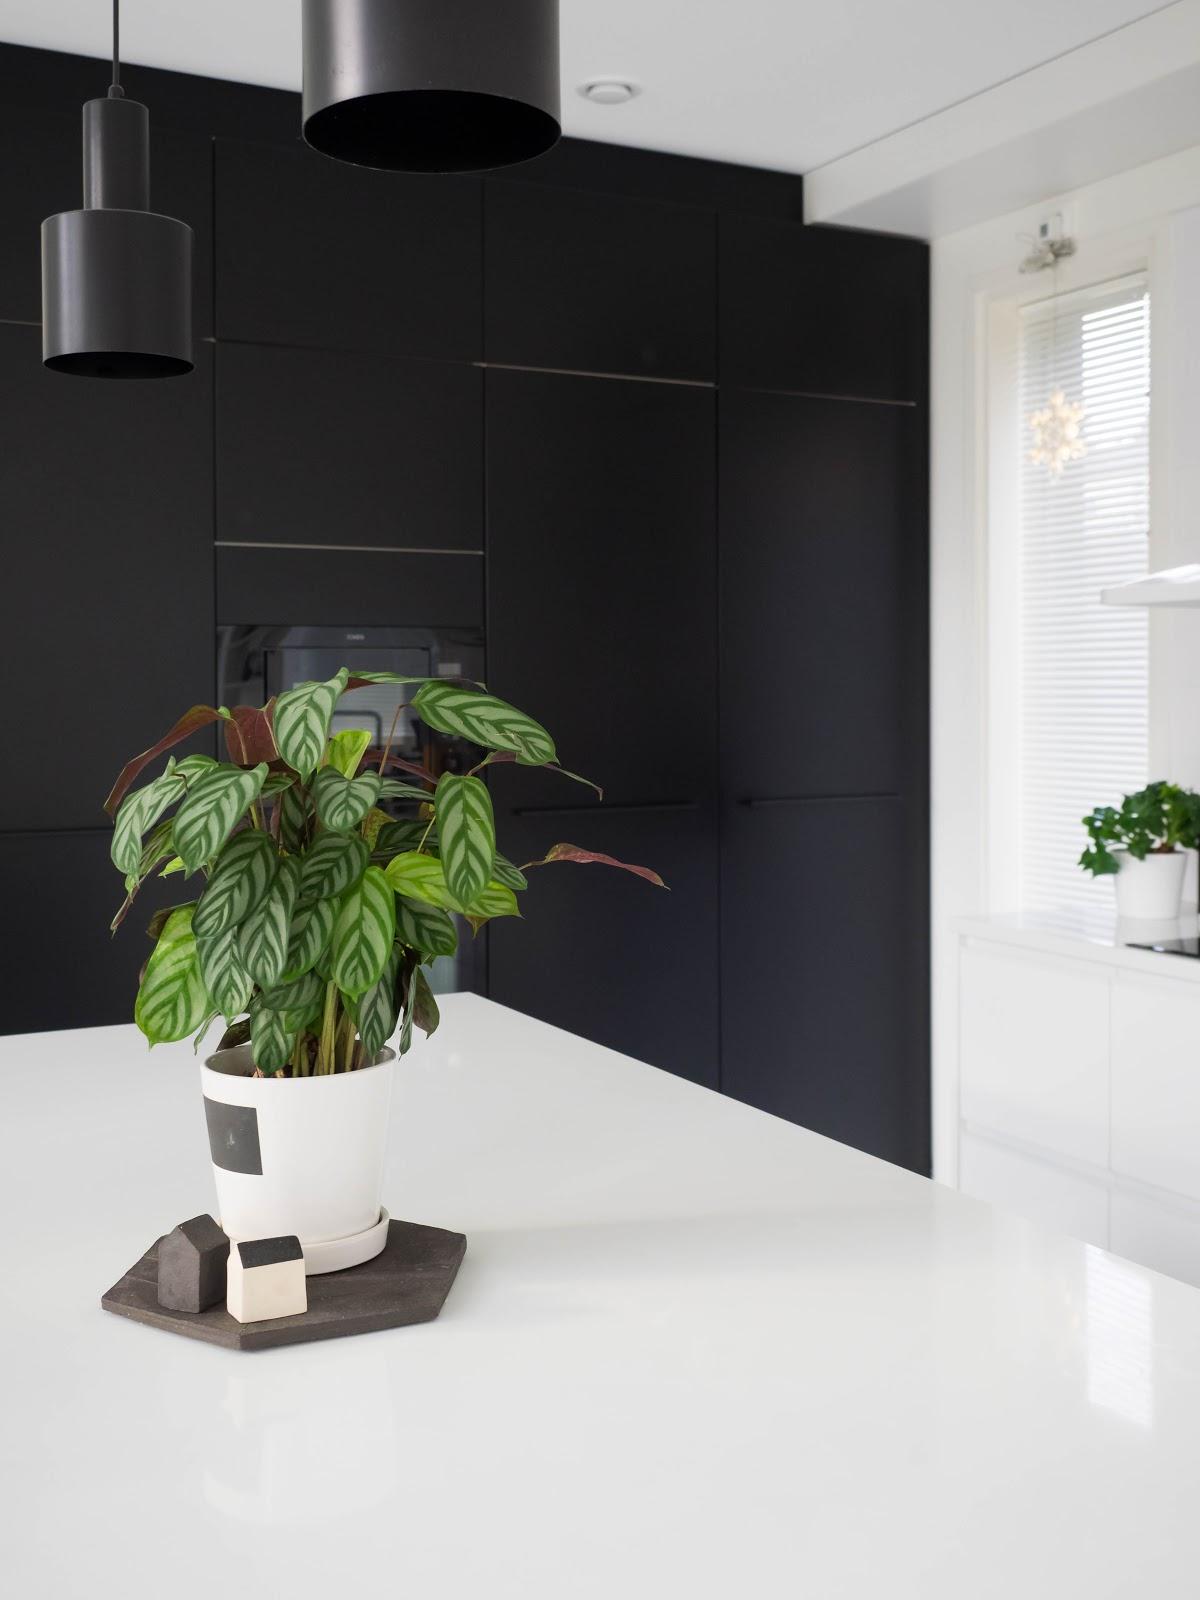 Talostakoti keittiö sisustus mustavalkoinen